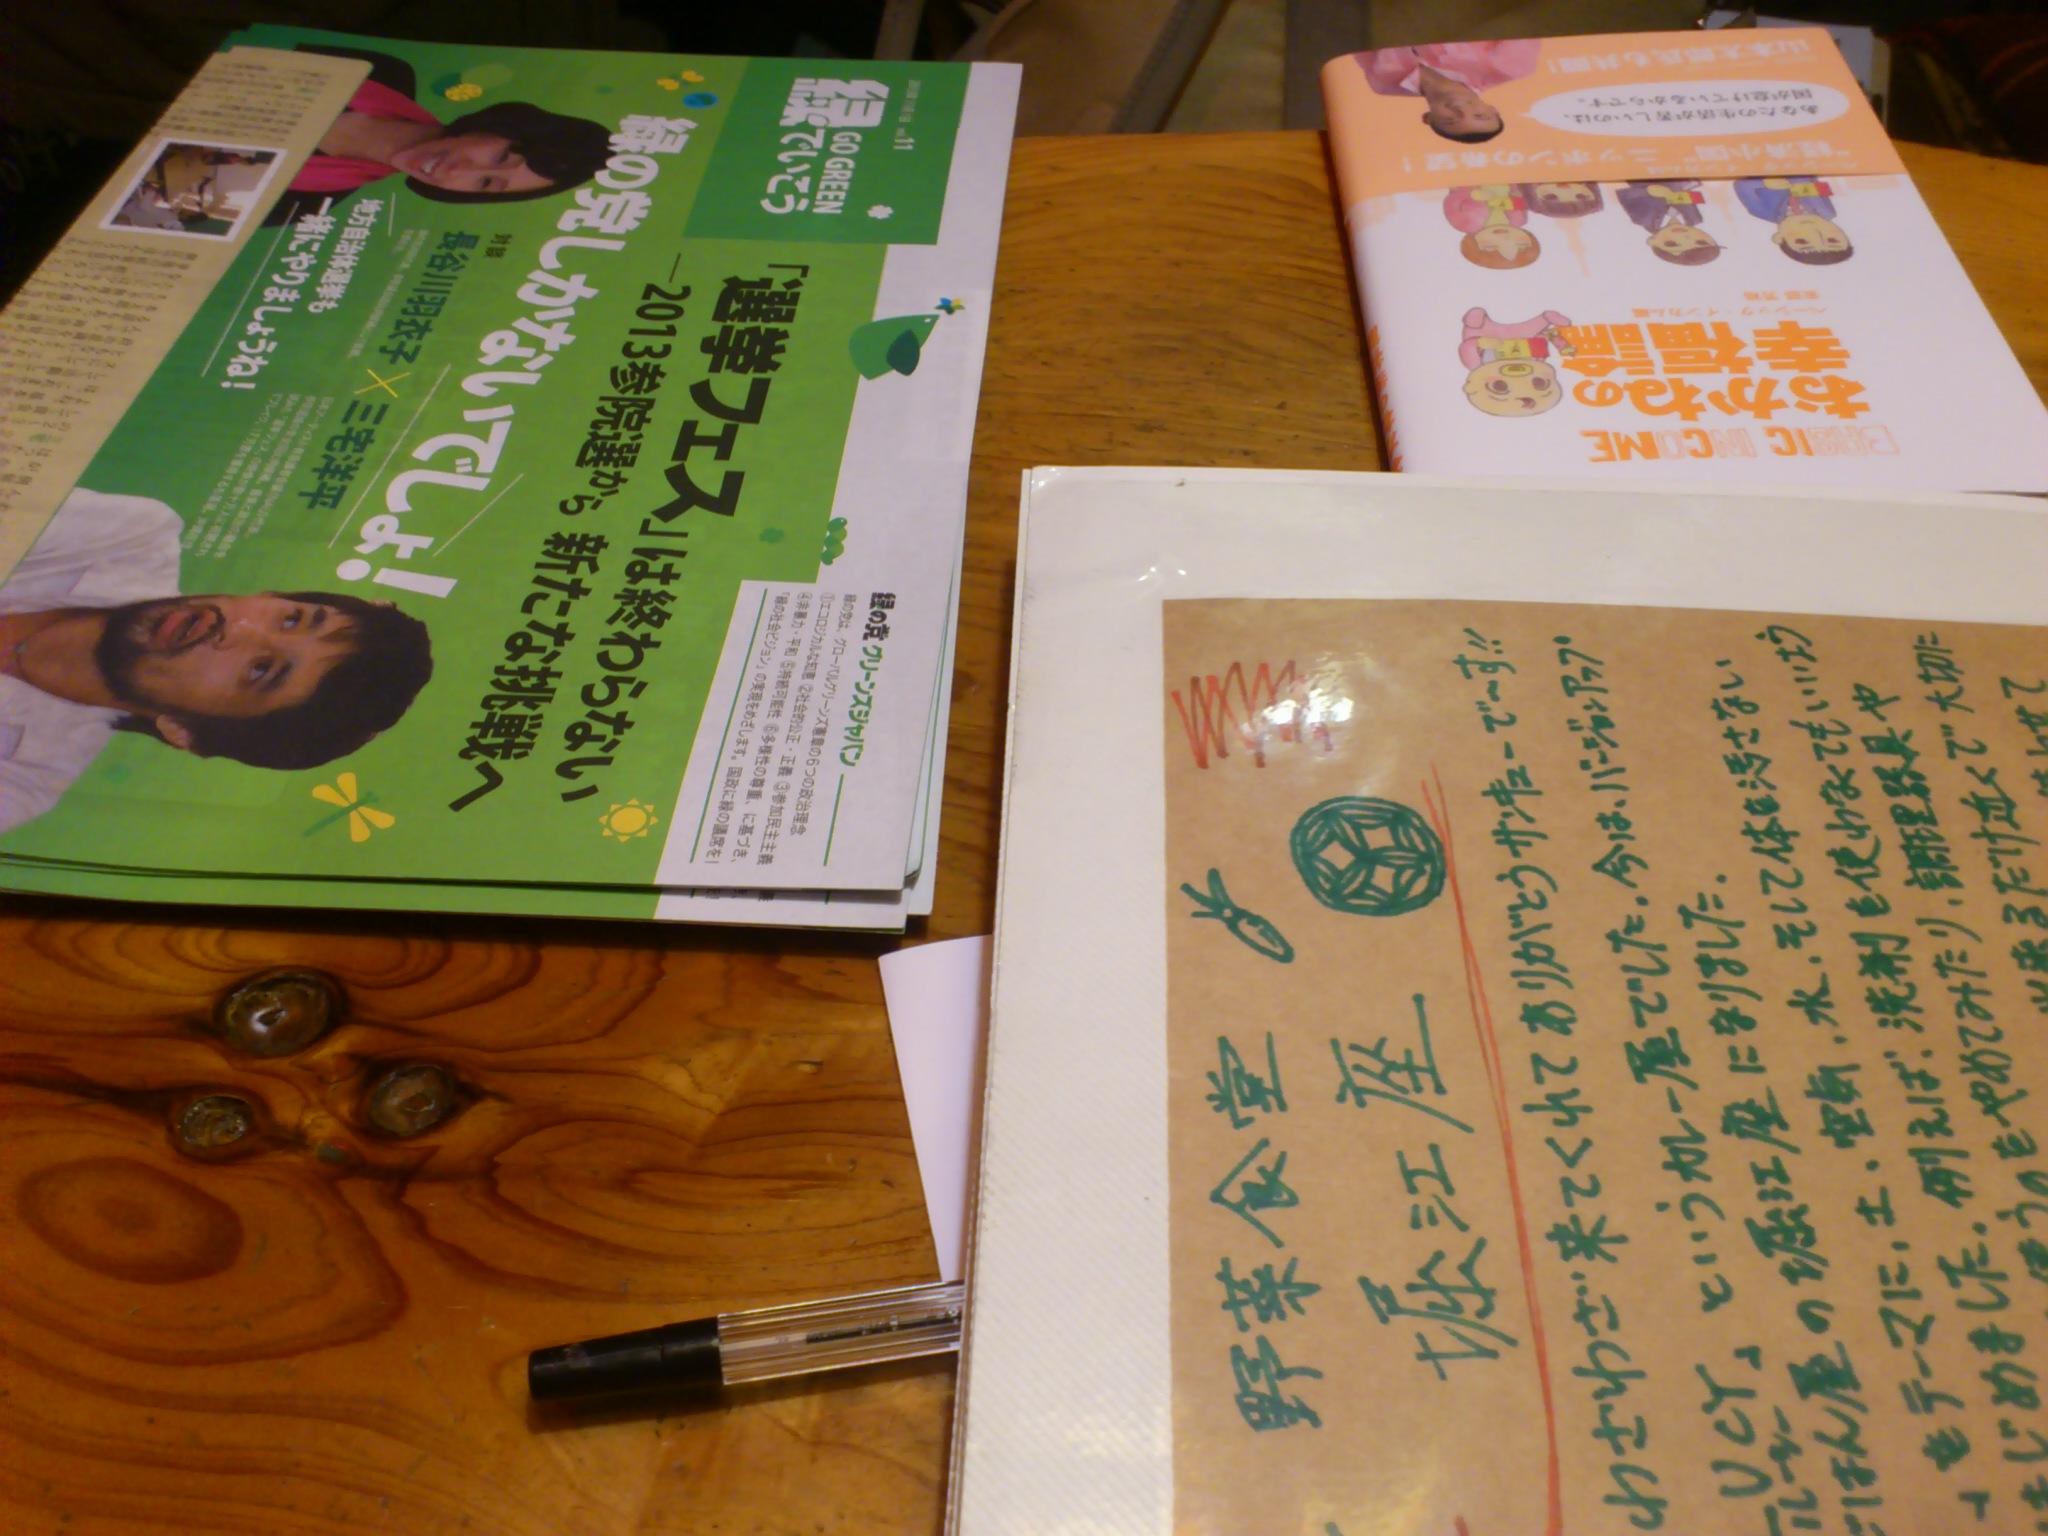 今から神戸の野菜食堂堀江座にて選挙のキホンお話会。ゲストは緑の党から参院選に立候補されたなみほさん。